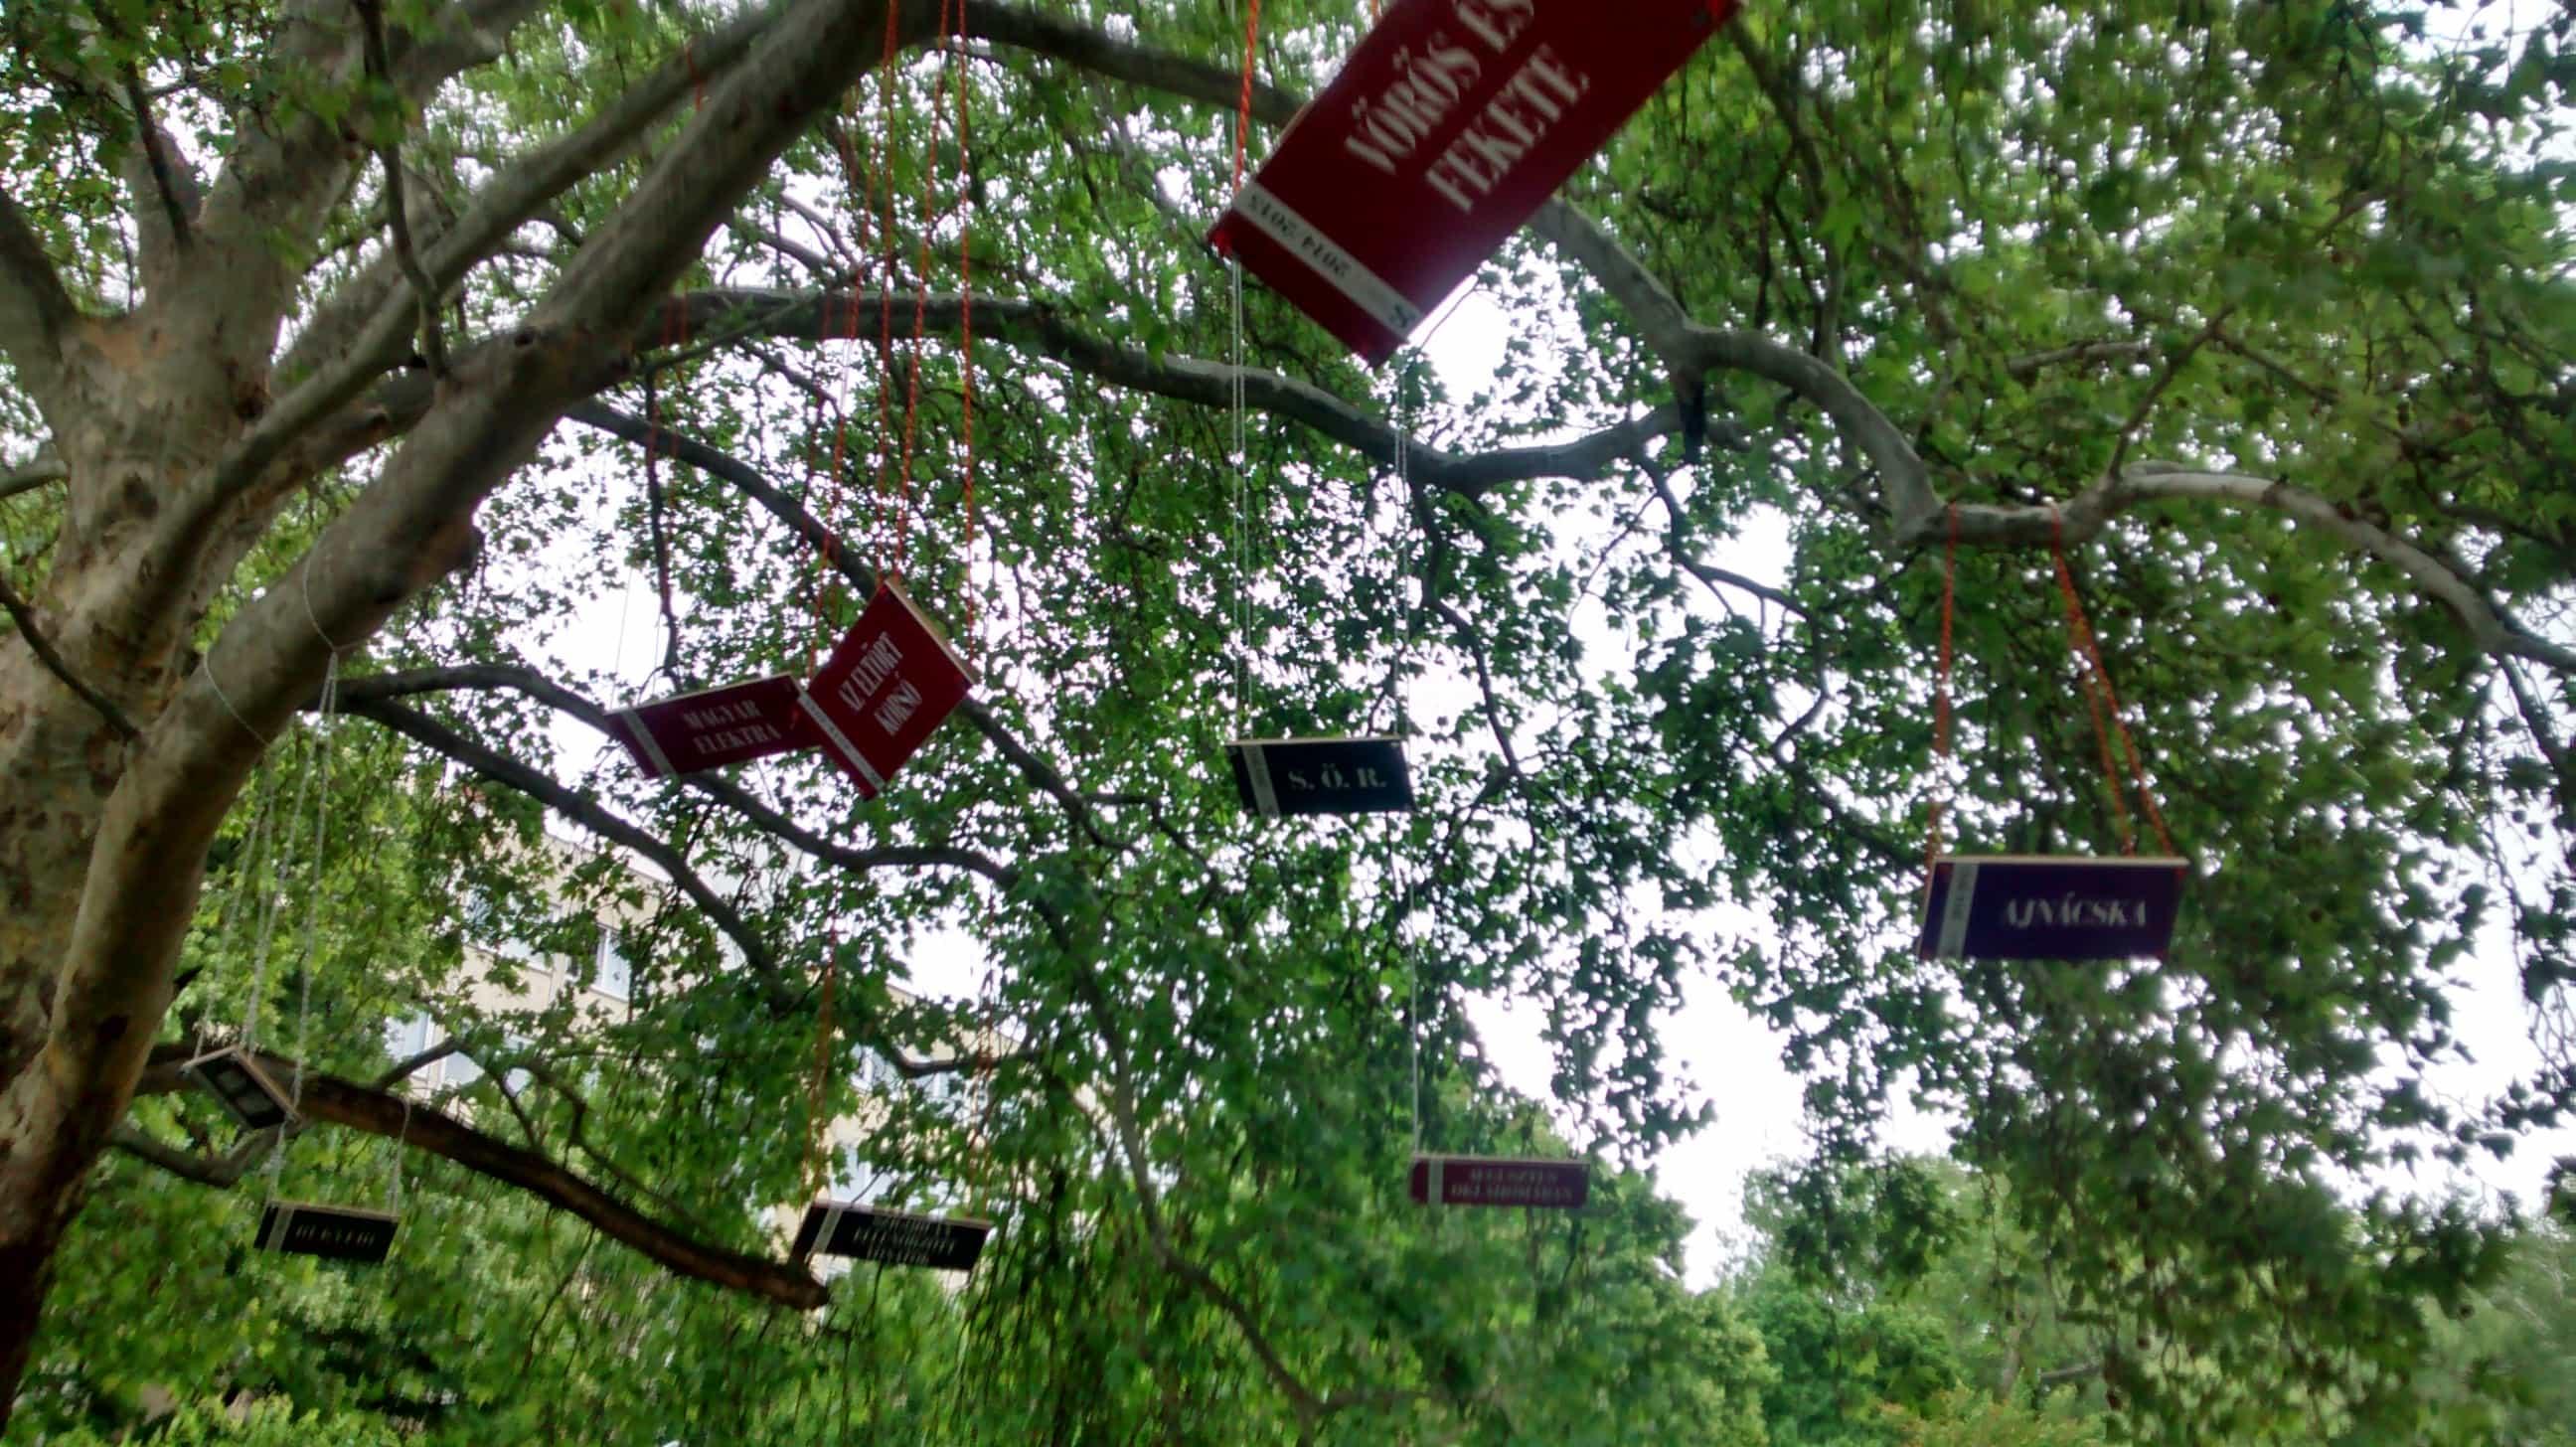 Ott a fán a SÖR feliratú hinta!